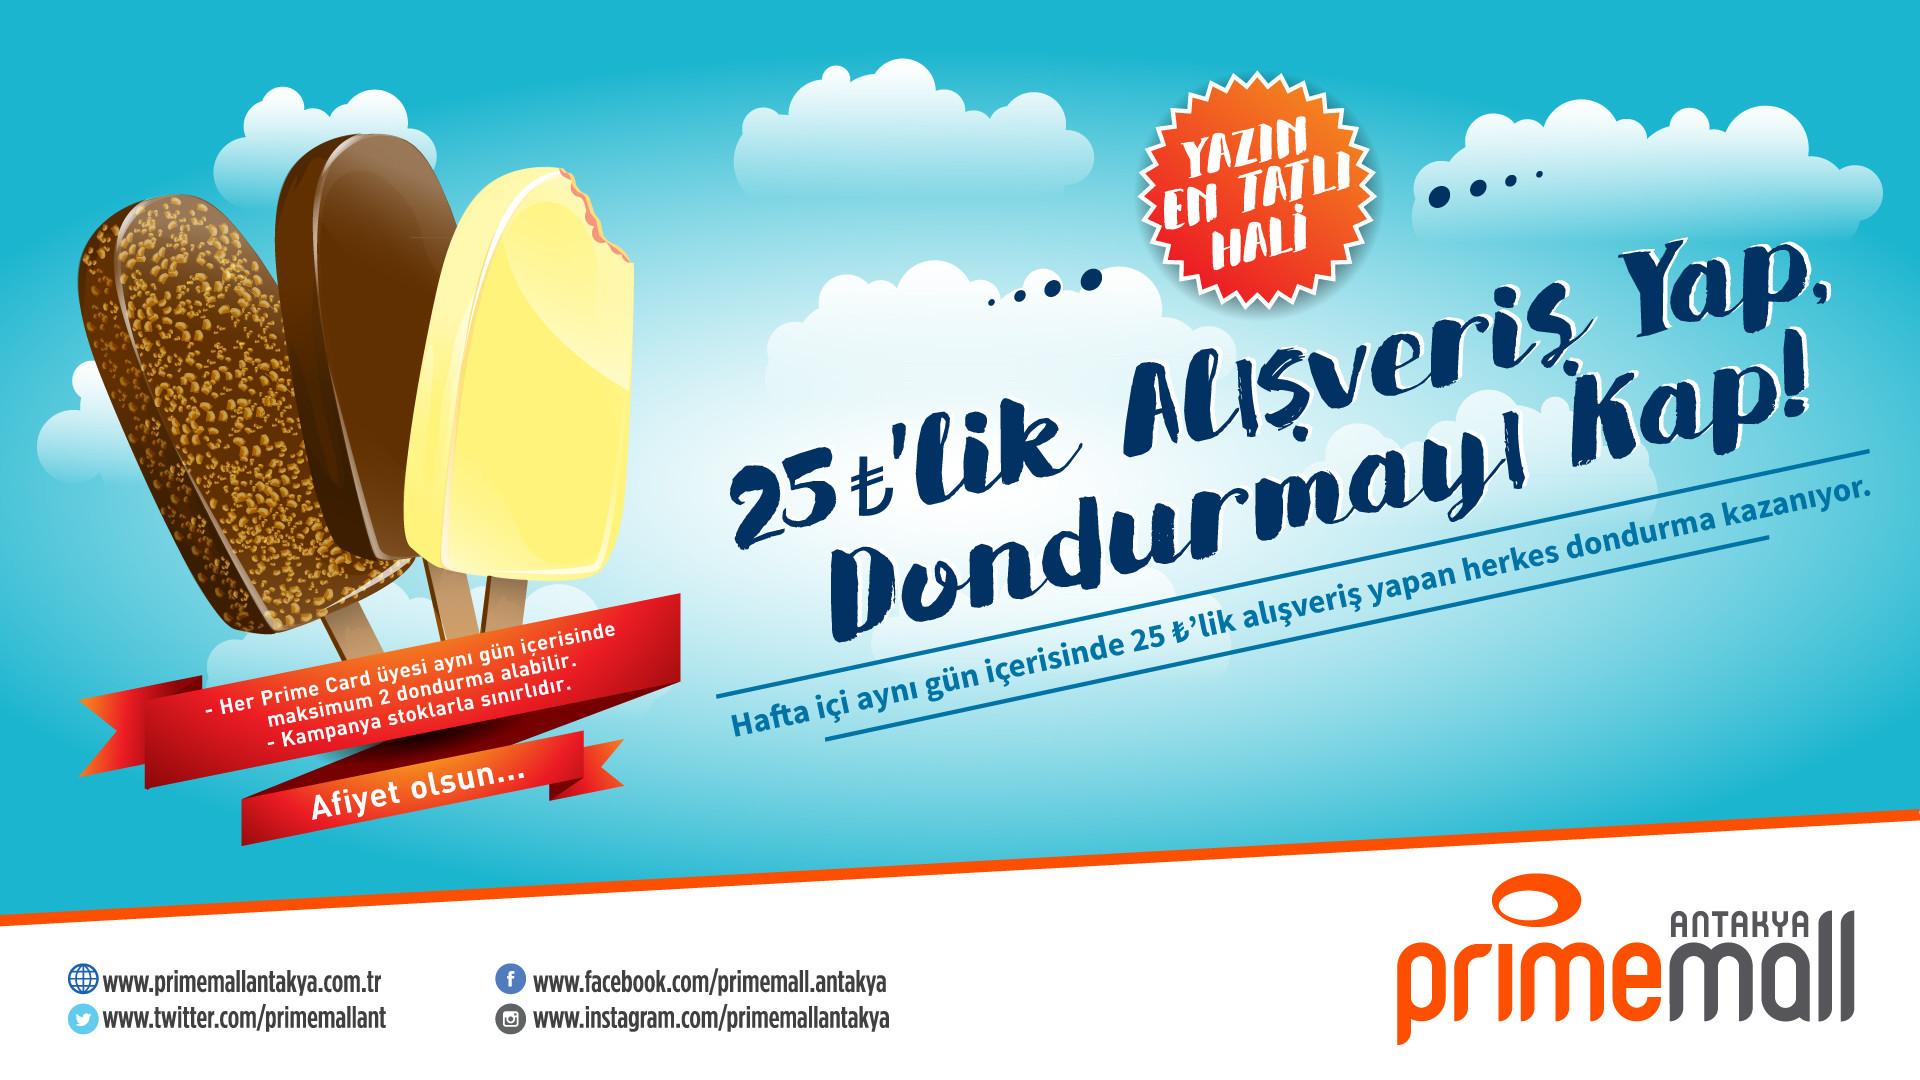 25 TL'lik Alışveriş Yap Dondurmayı Kap